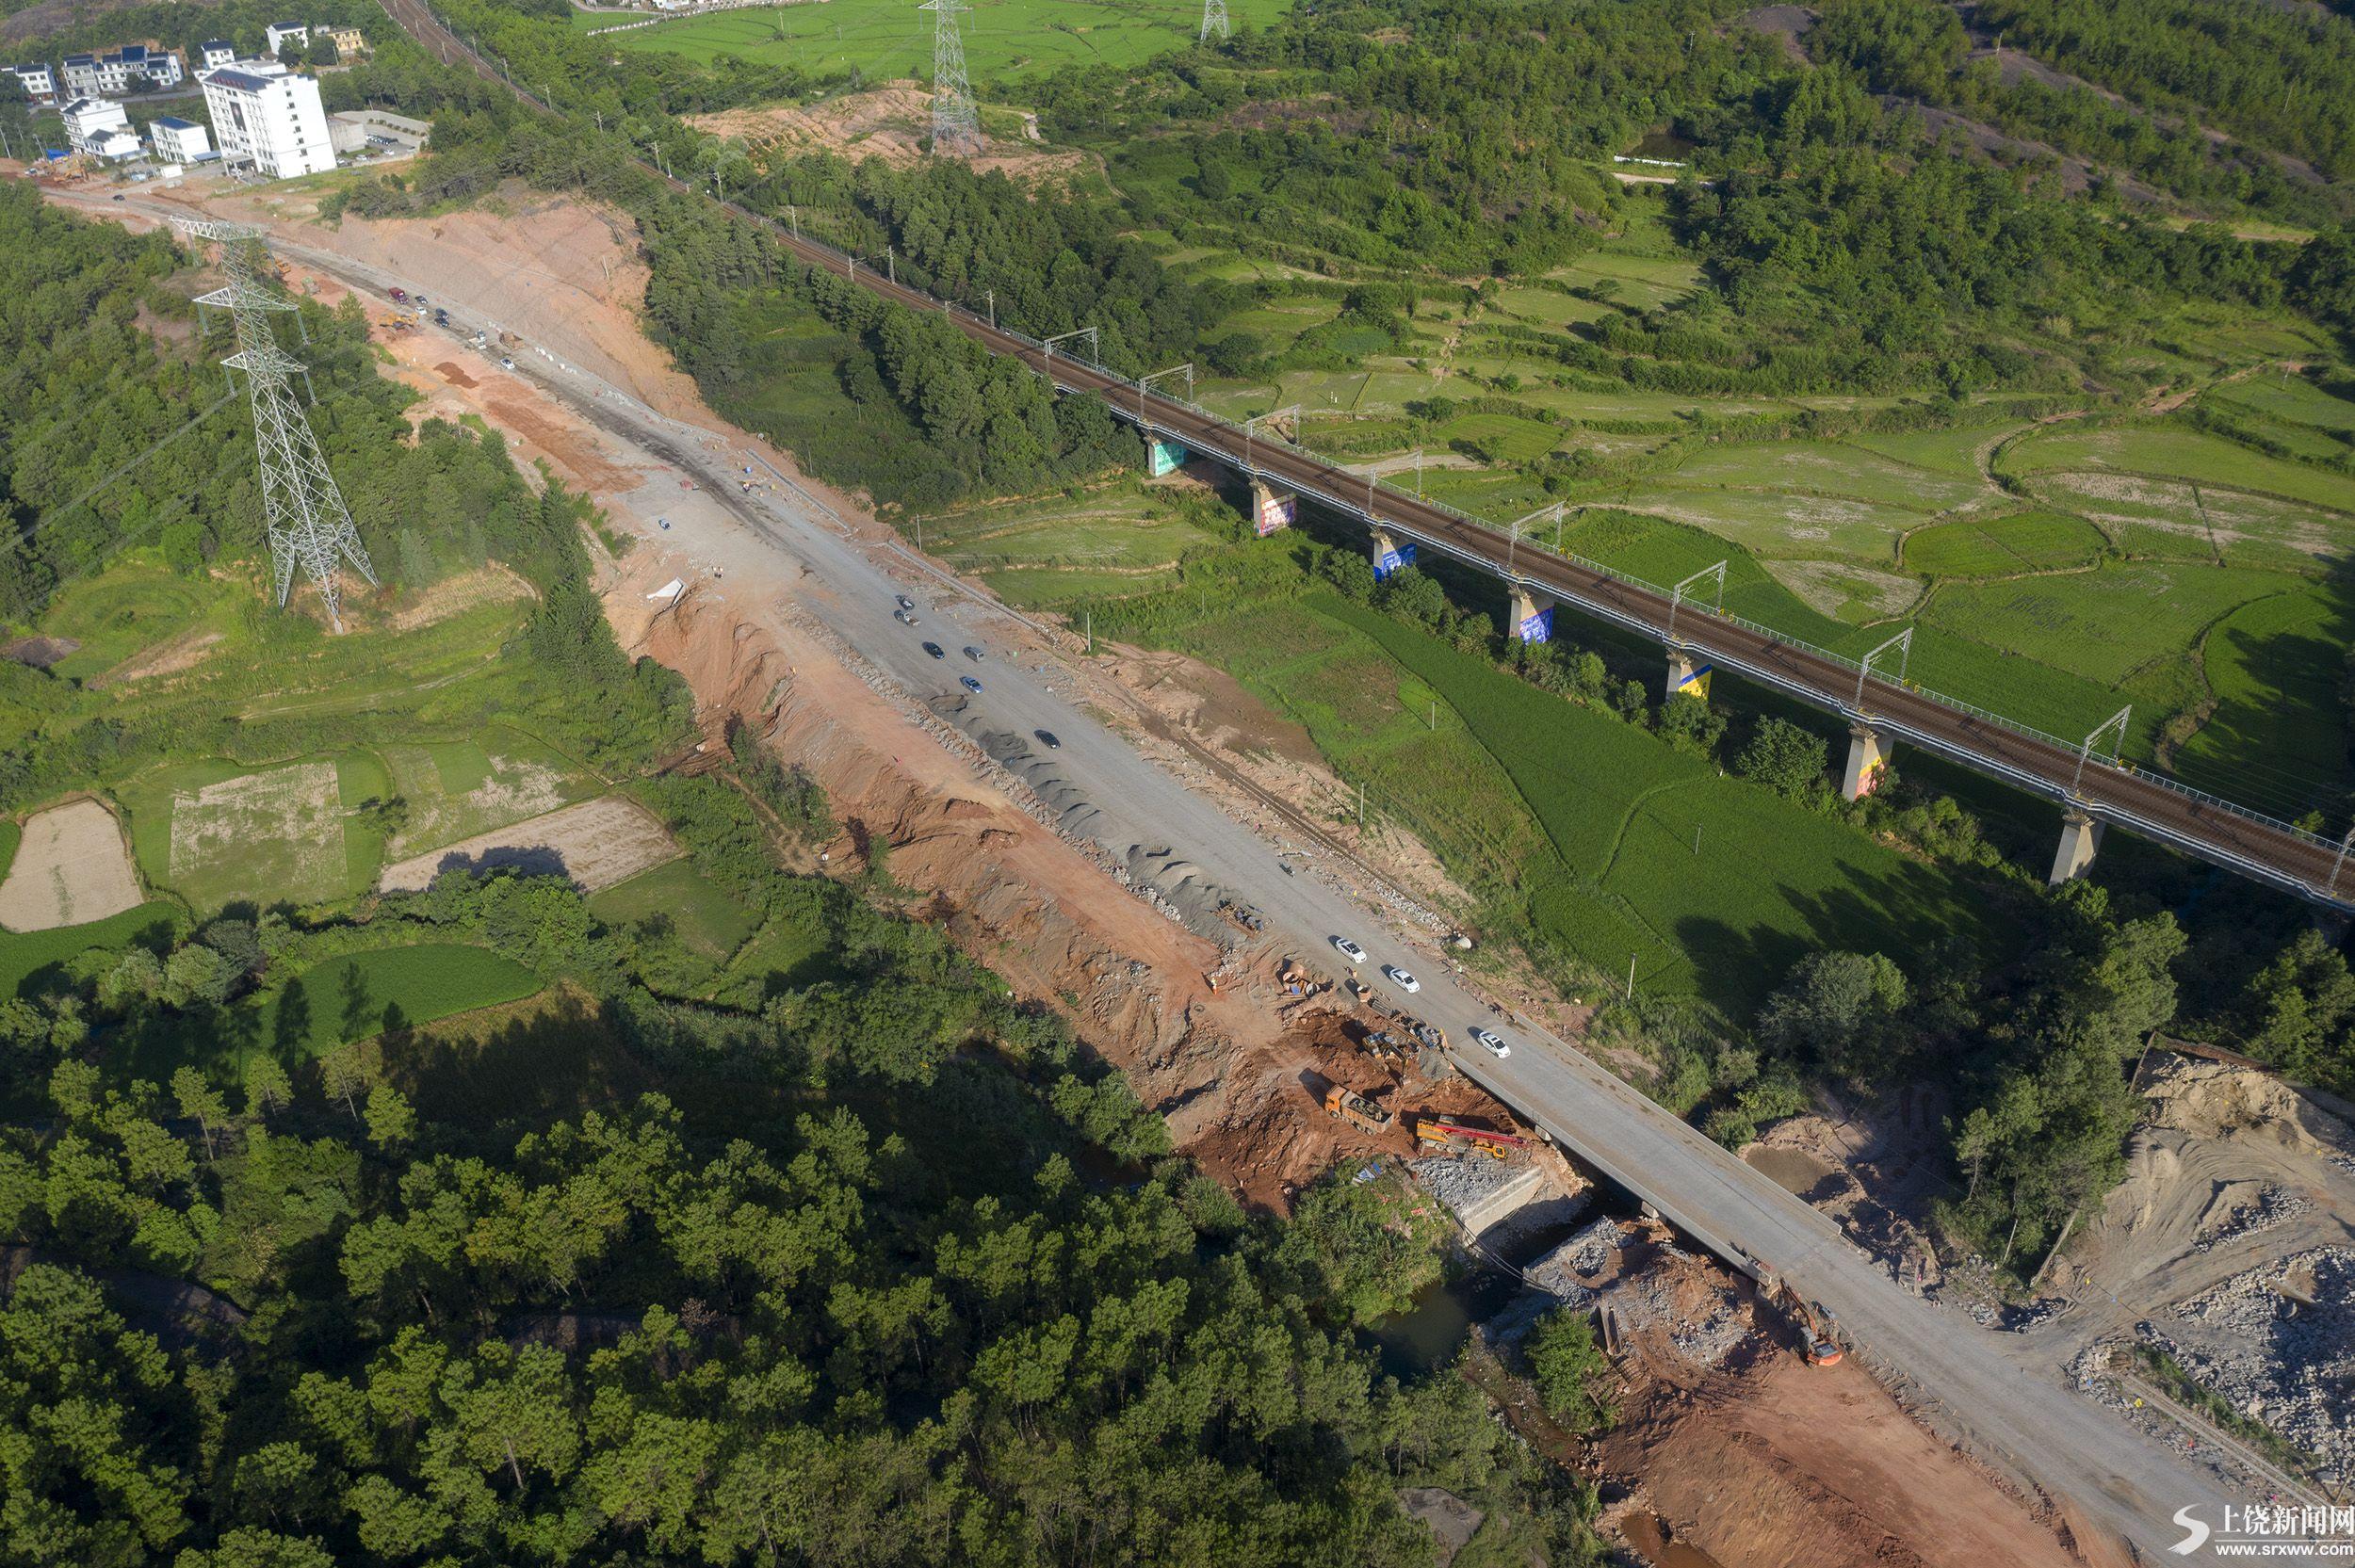 320国道横峰段 改建进展顺利